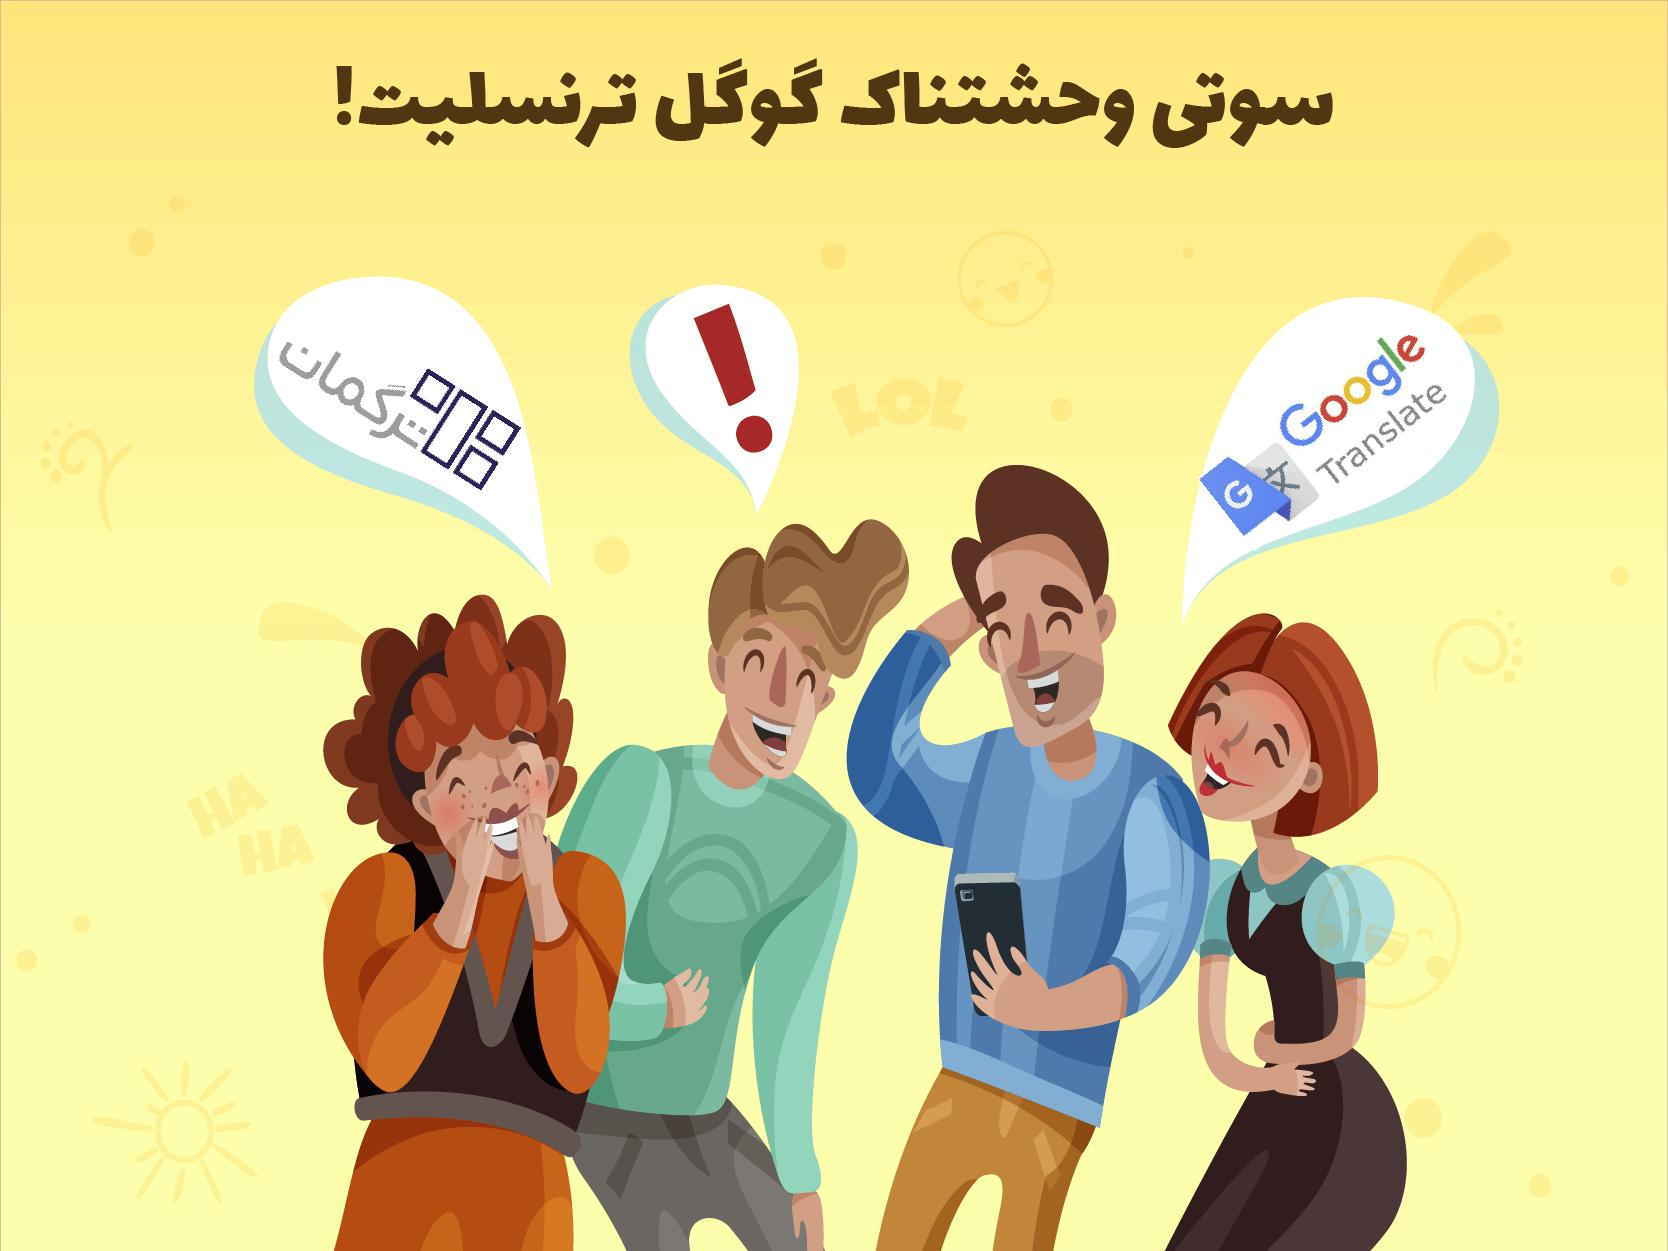 آیا واقعا گوگل از ترجمههای ترگمان استفاده میکنه؟